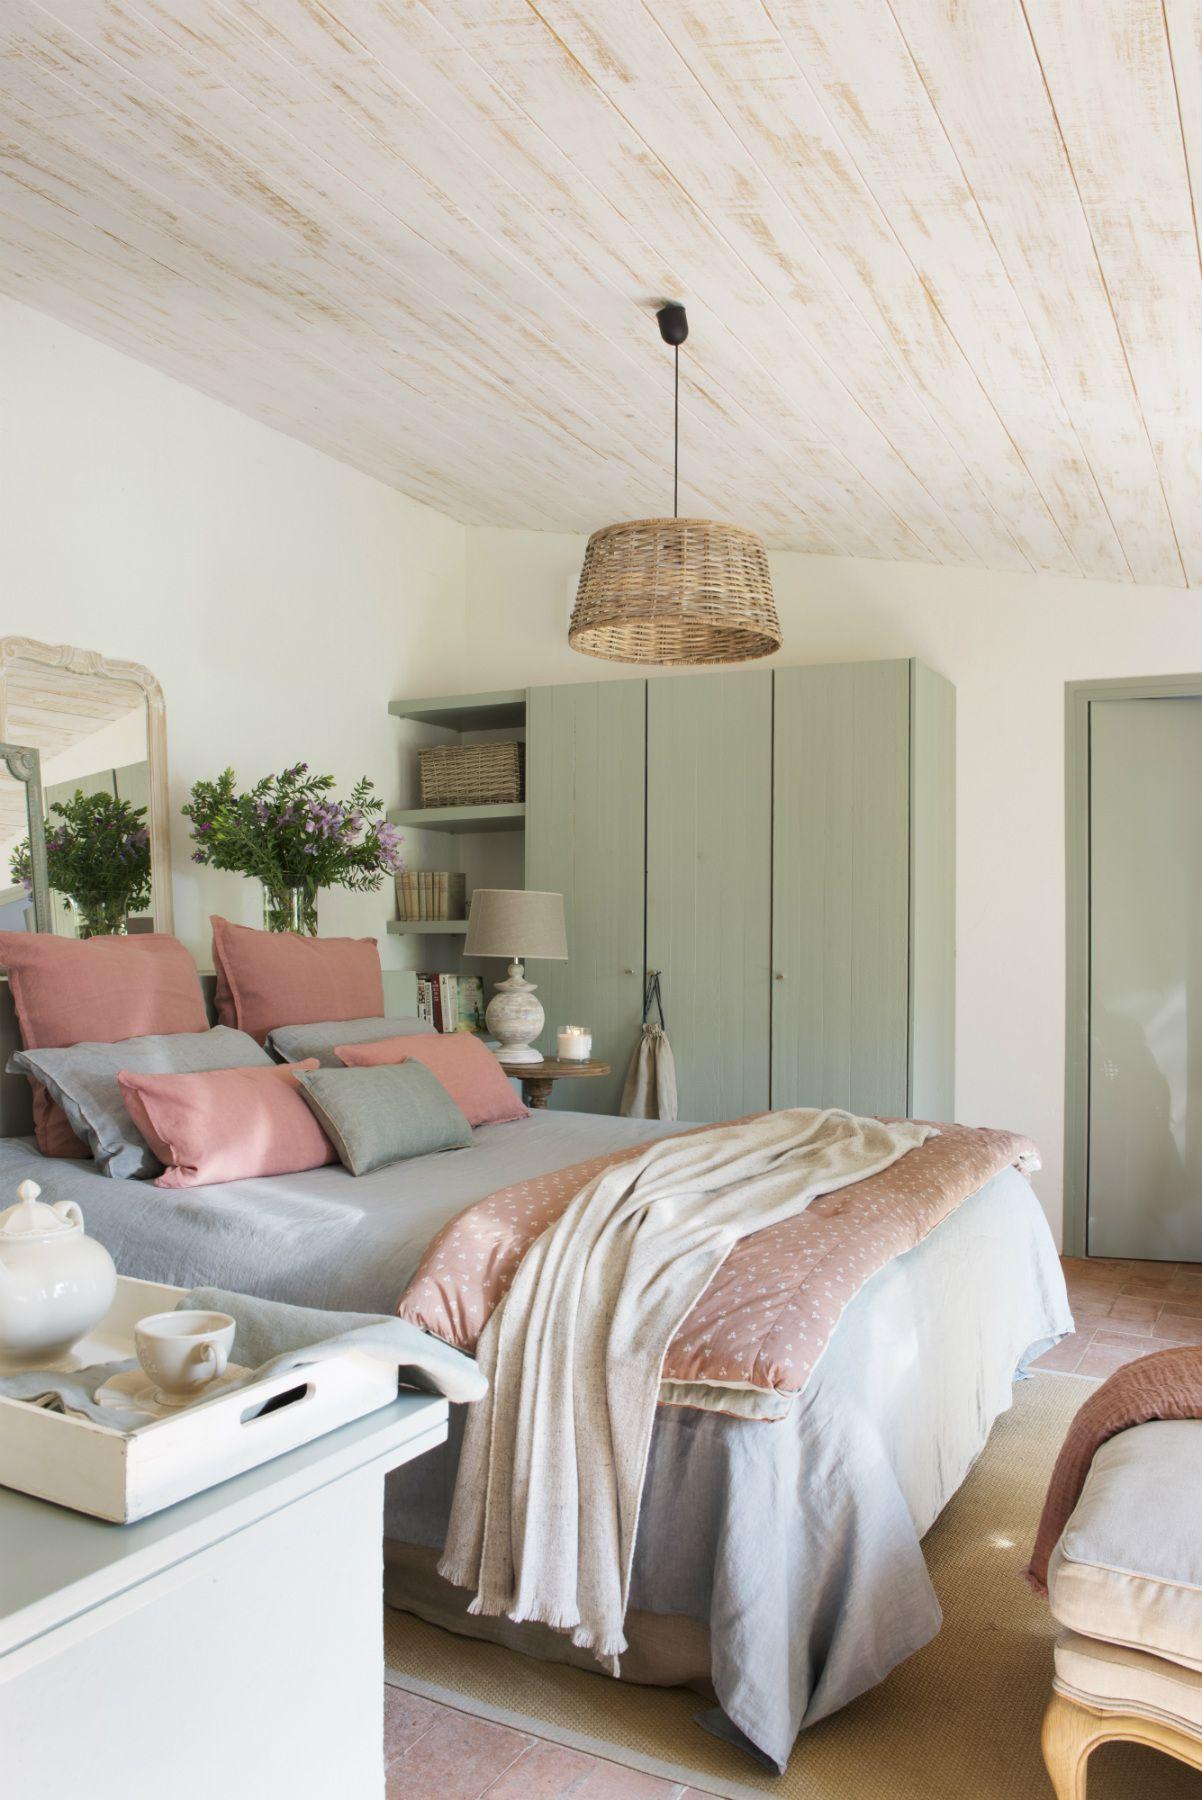 Dormitorio rústico con armario pintado en color verde y ropa de